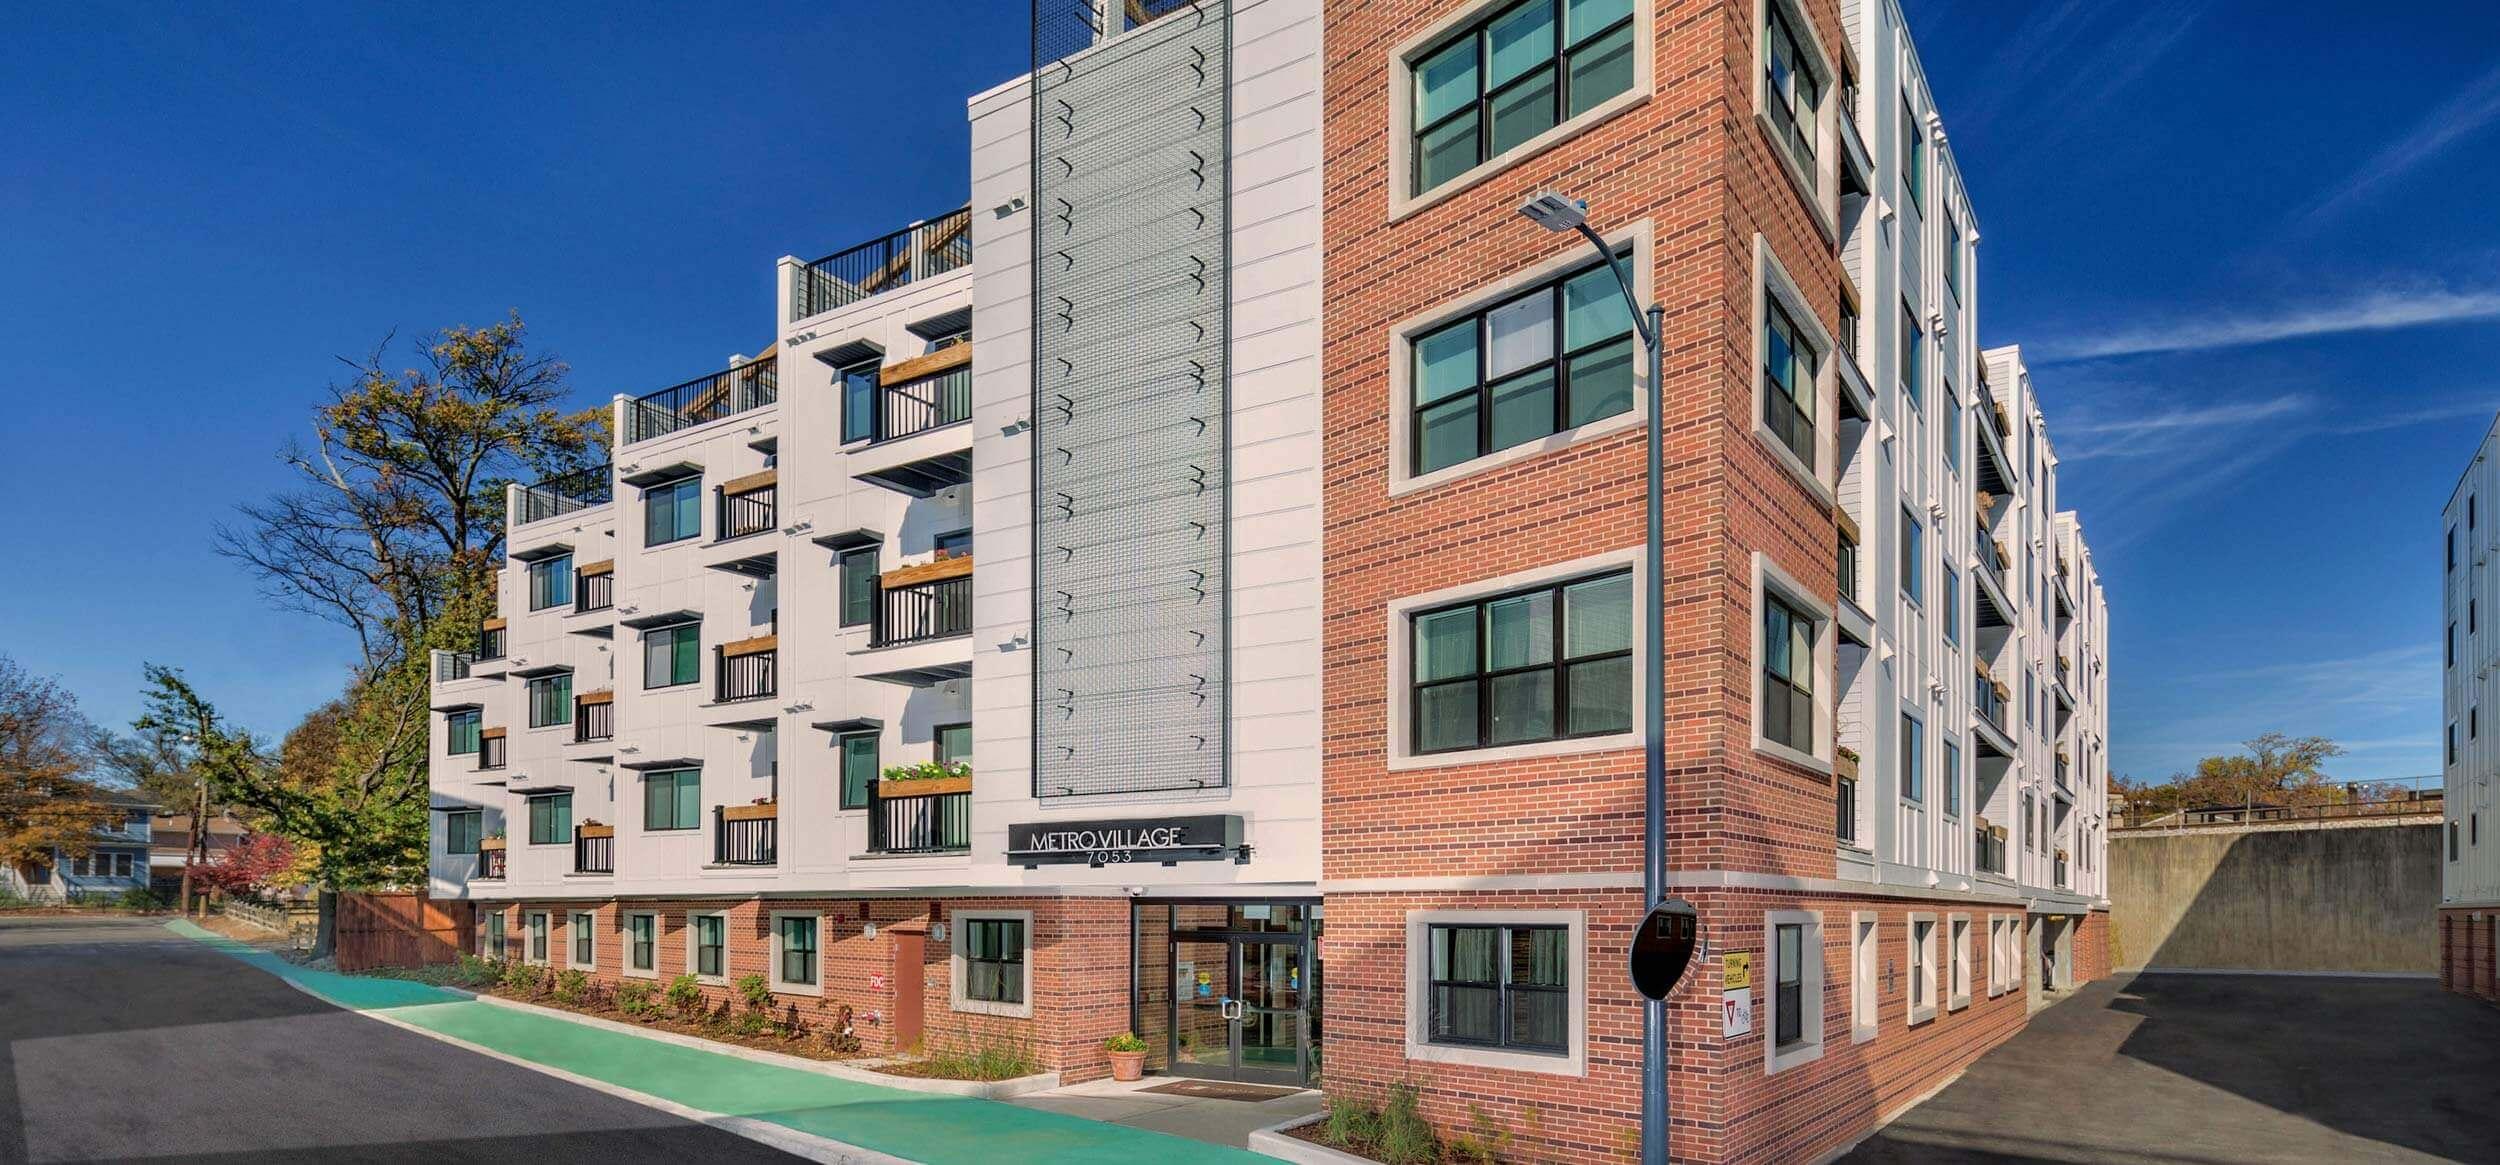 apartments in takoma park metro village